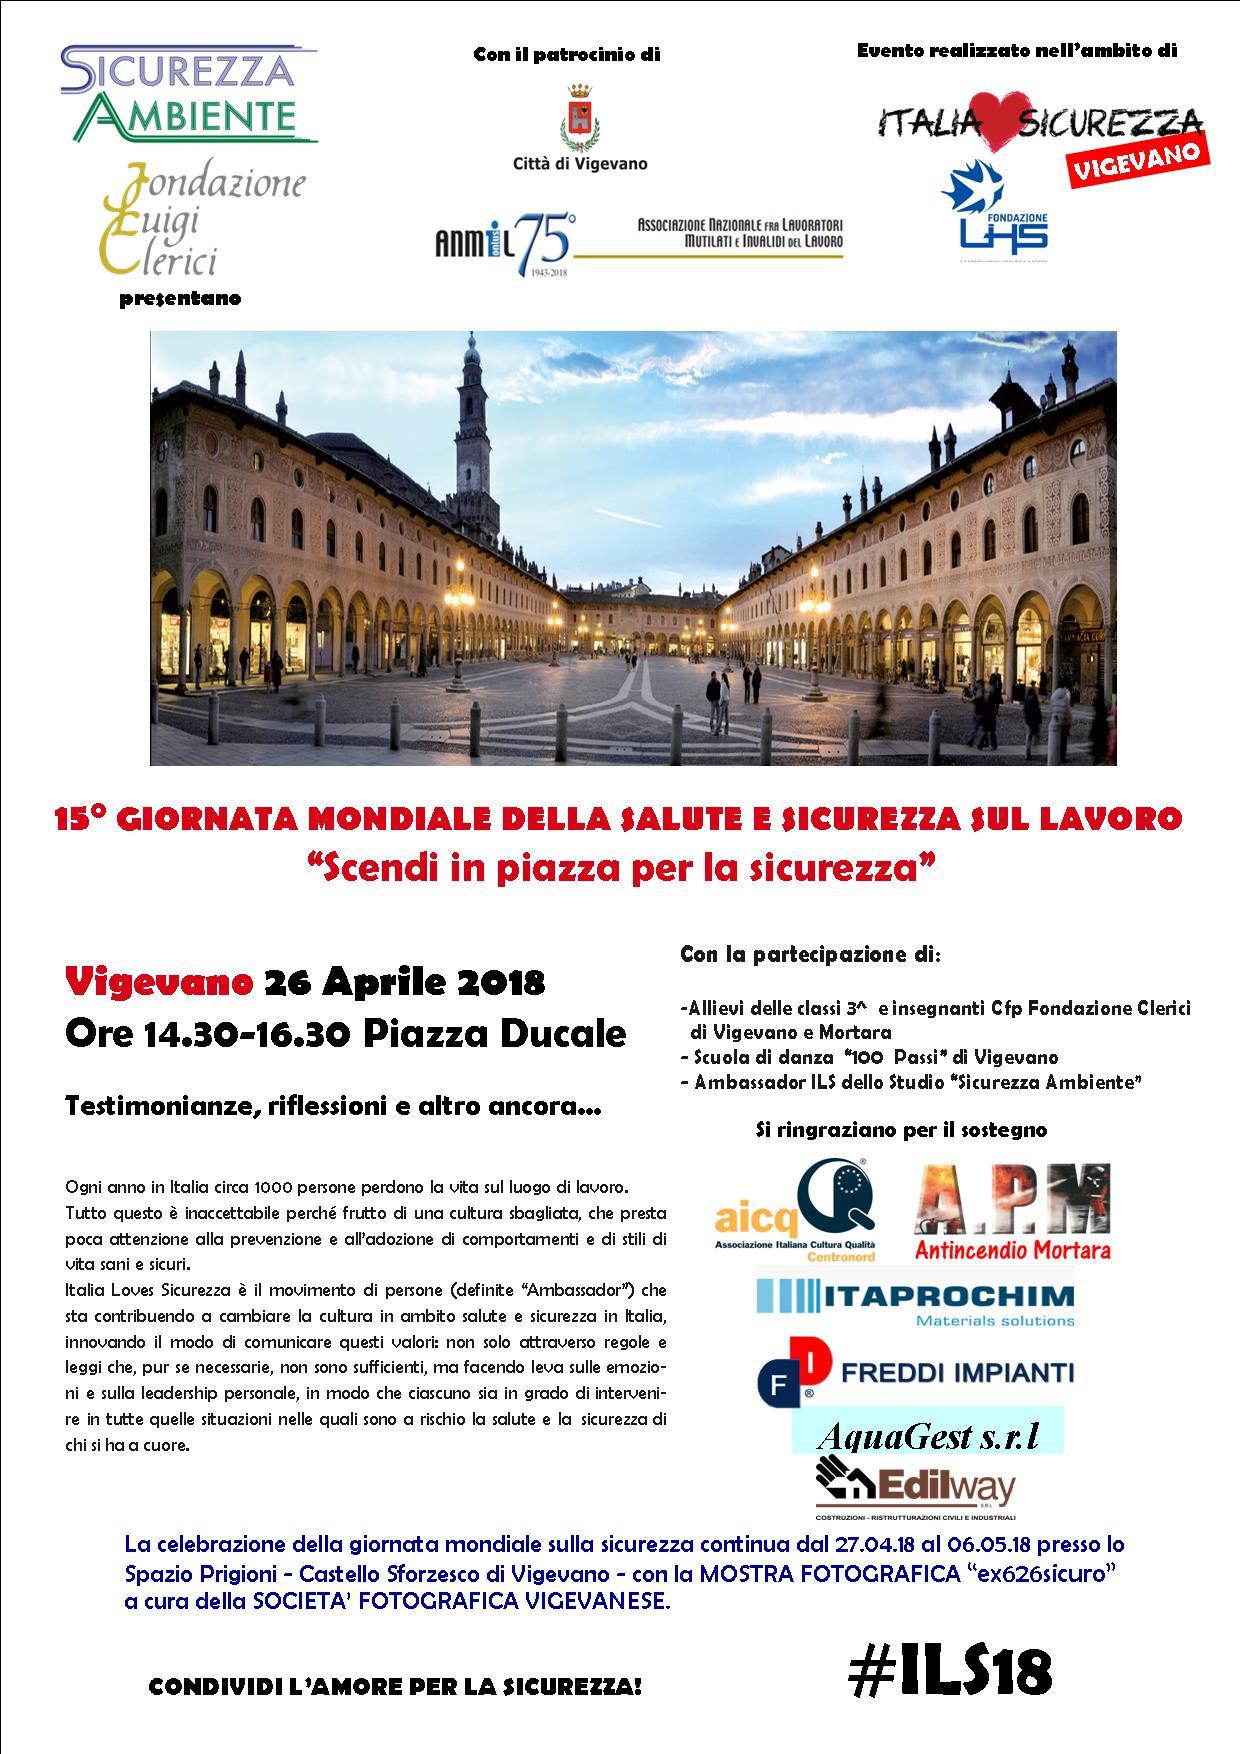 https://www.fondlhs.org/wp-content/uploads/2018/04/poster-evento-ILS-rev-03-del-130418-1.jpg